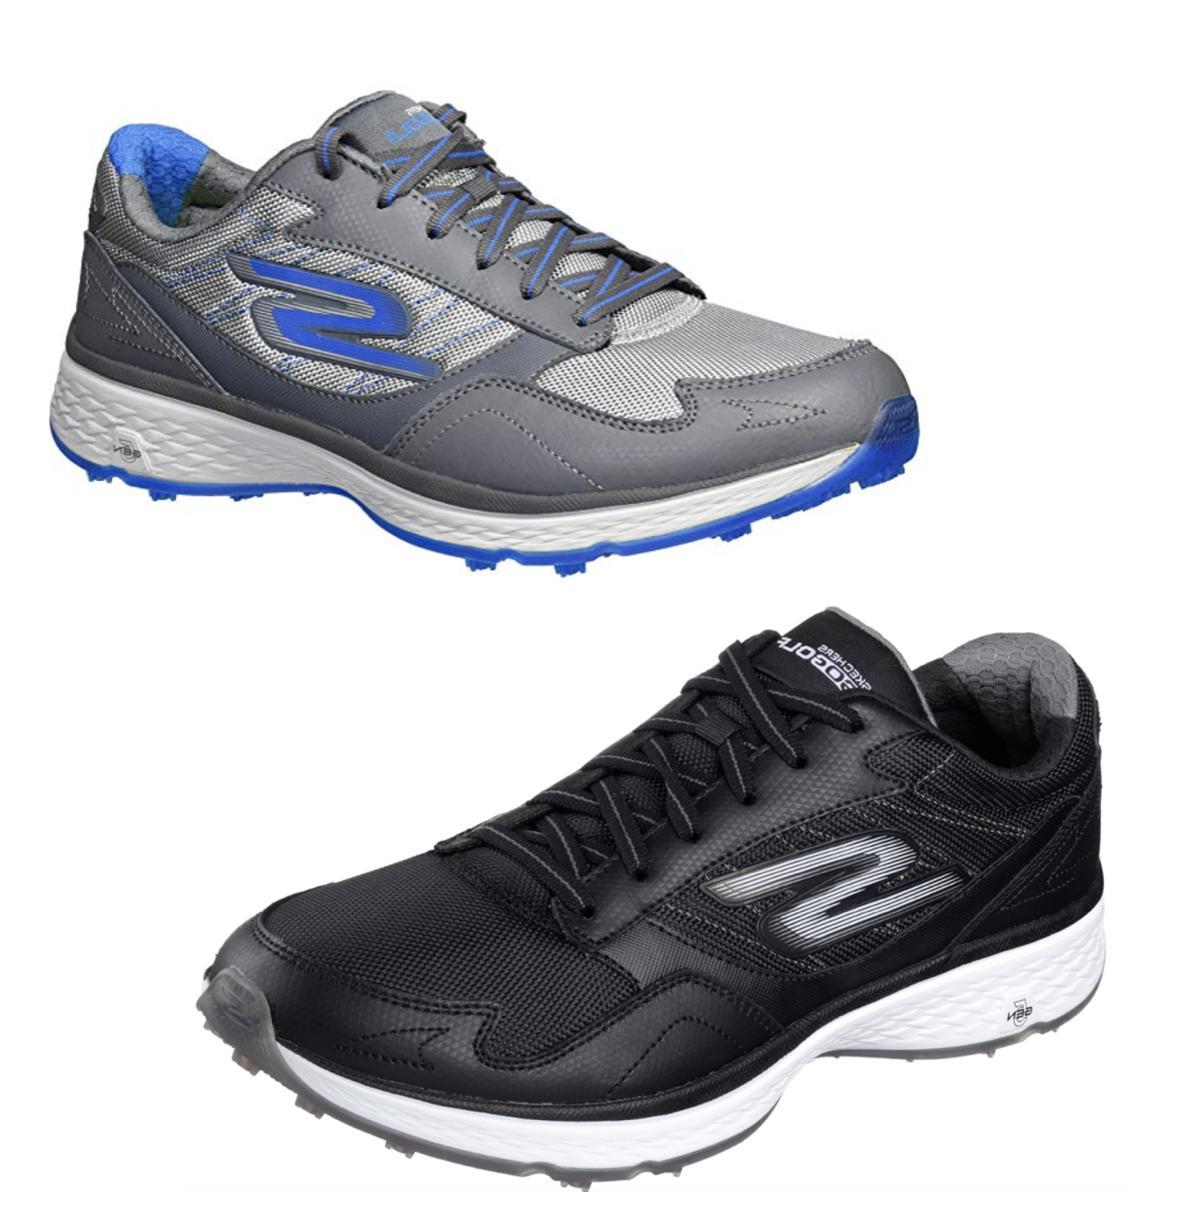 mens go golf fairway spikeless golf shoes